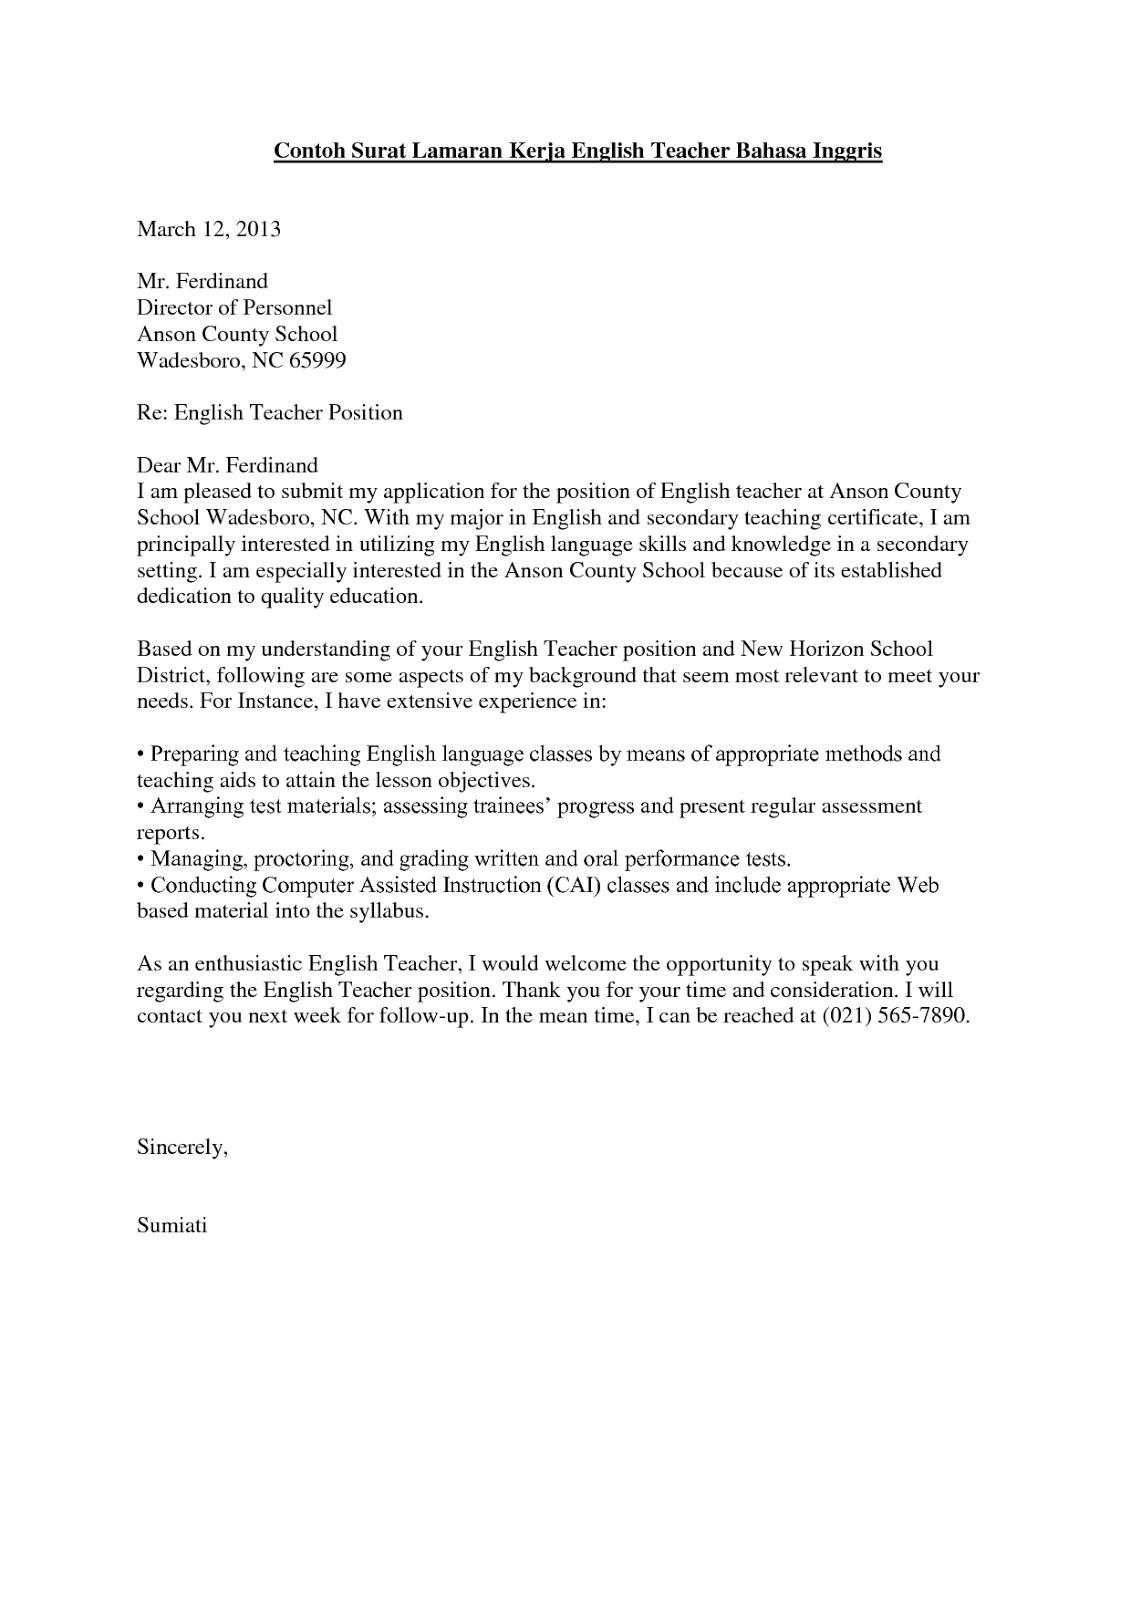 Contoh Lengkap Surat Lamaran Kerja Dalam Bahasa Inggris